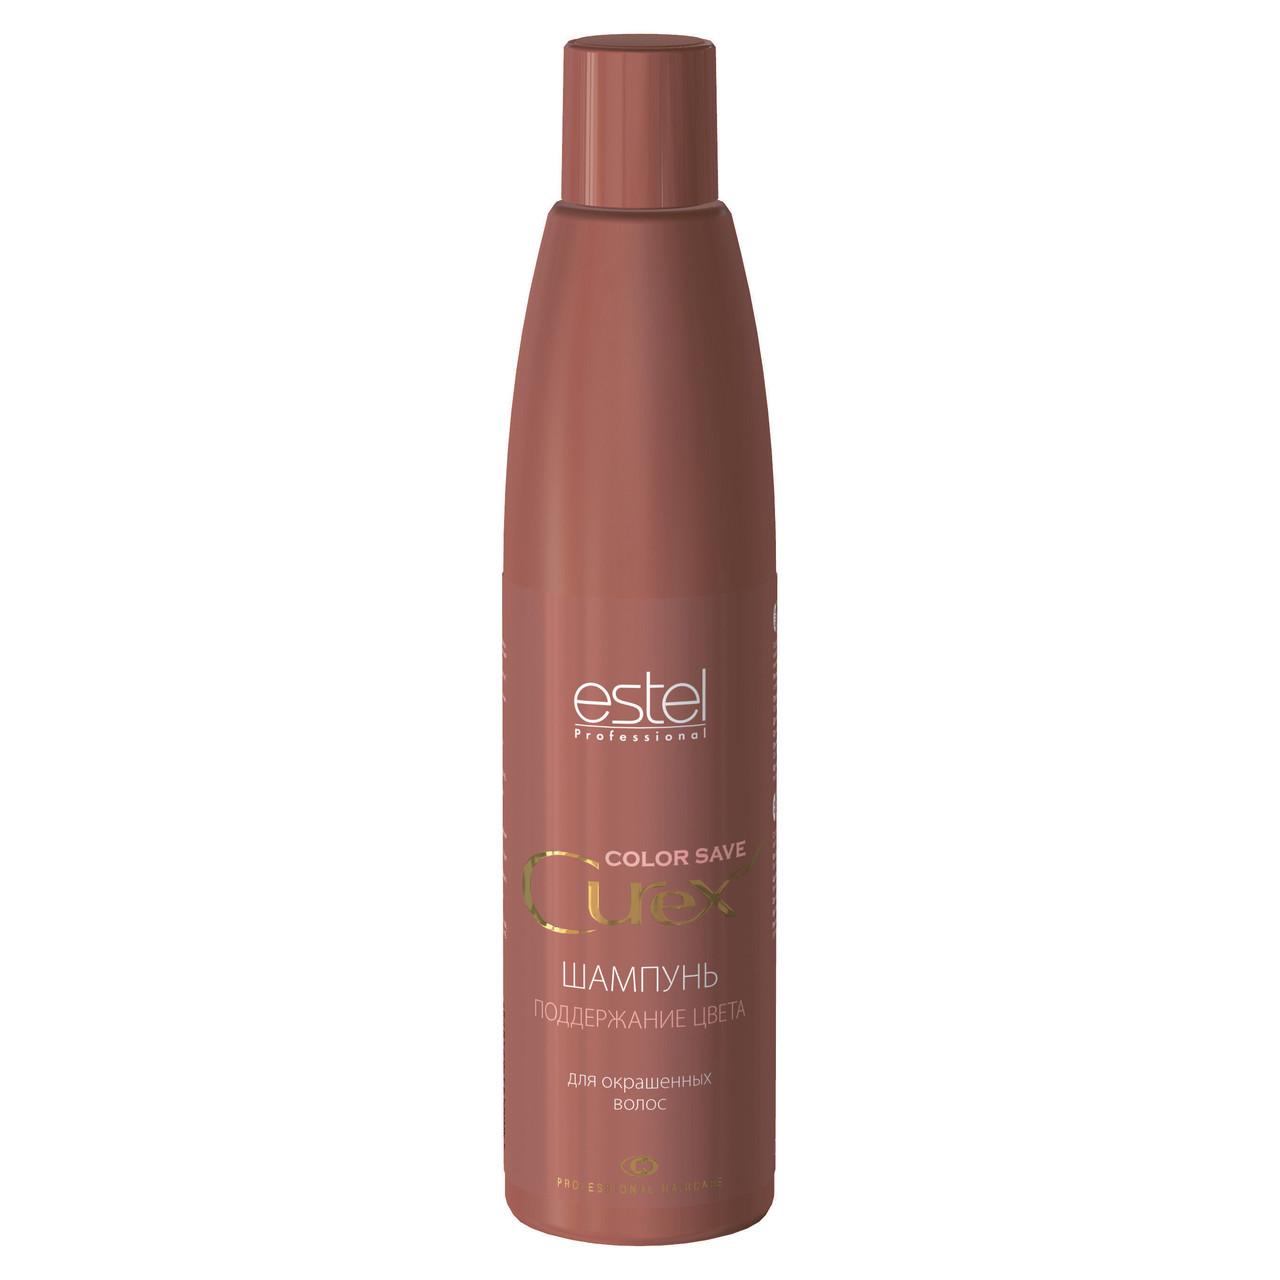 Estel CUREX COLOR SAVE Шампунь для фарбованого волосся 300 мл.